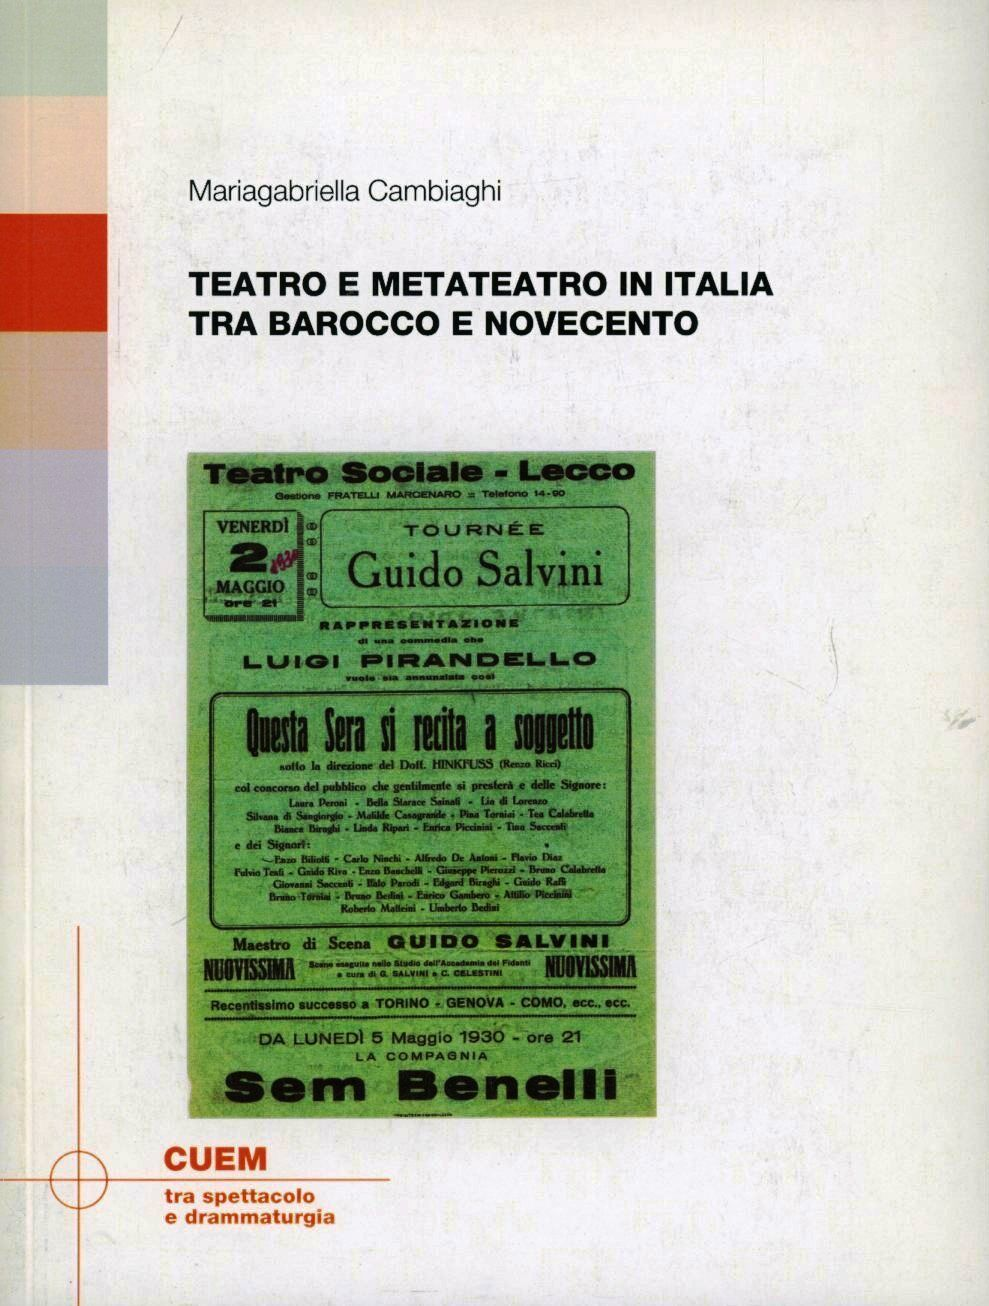 Teatro e metateatro in Italia tra barocco e Novecento